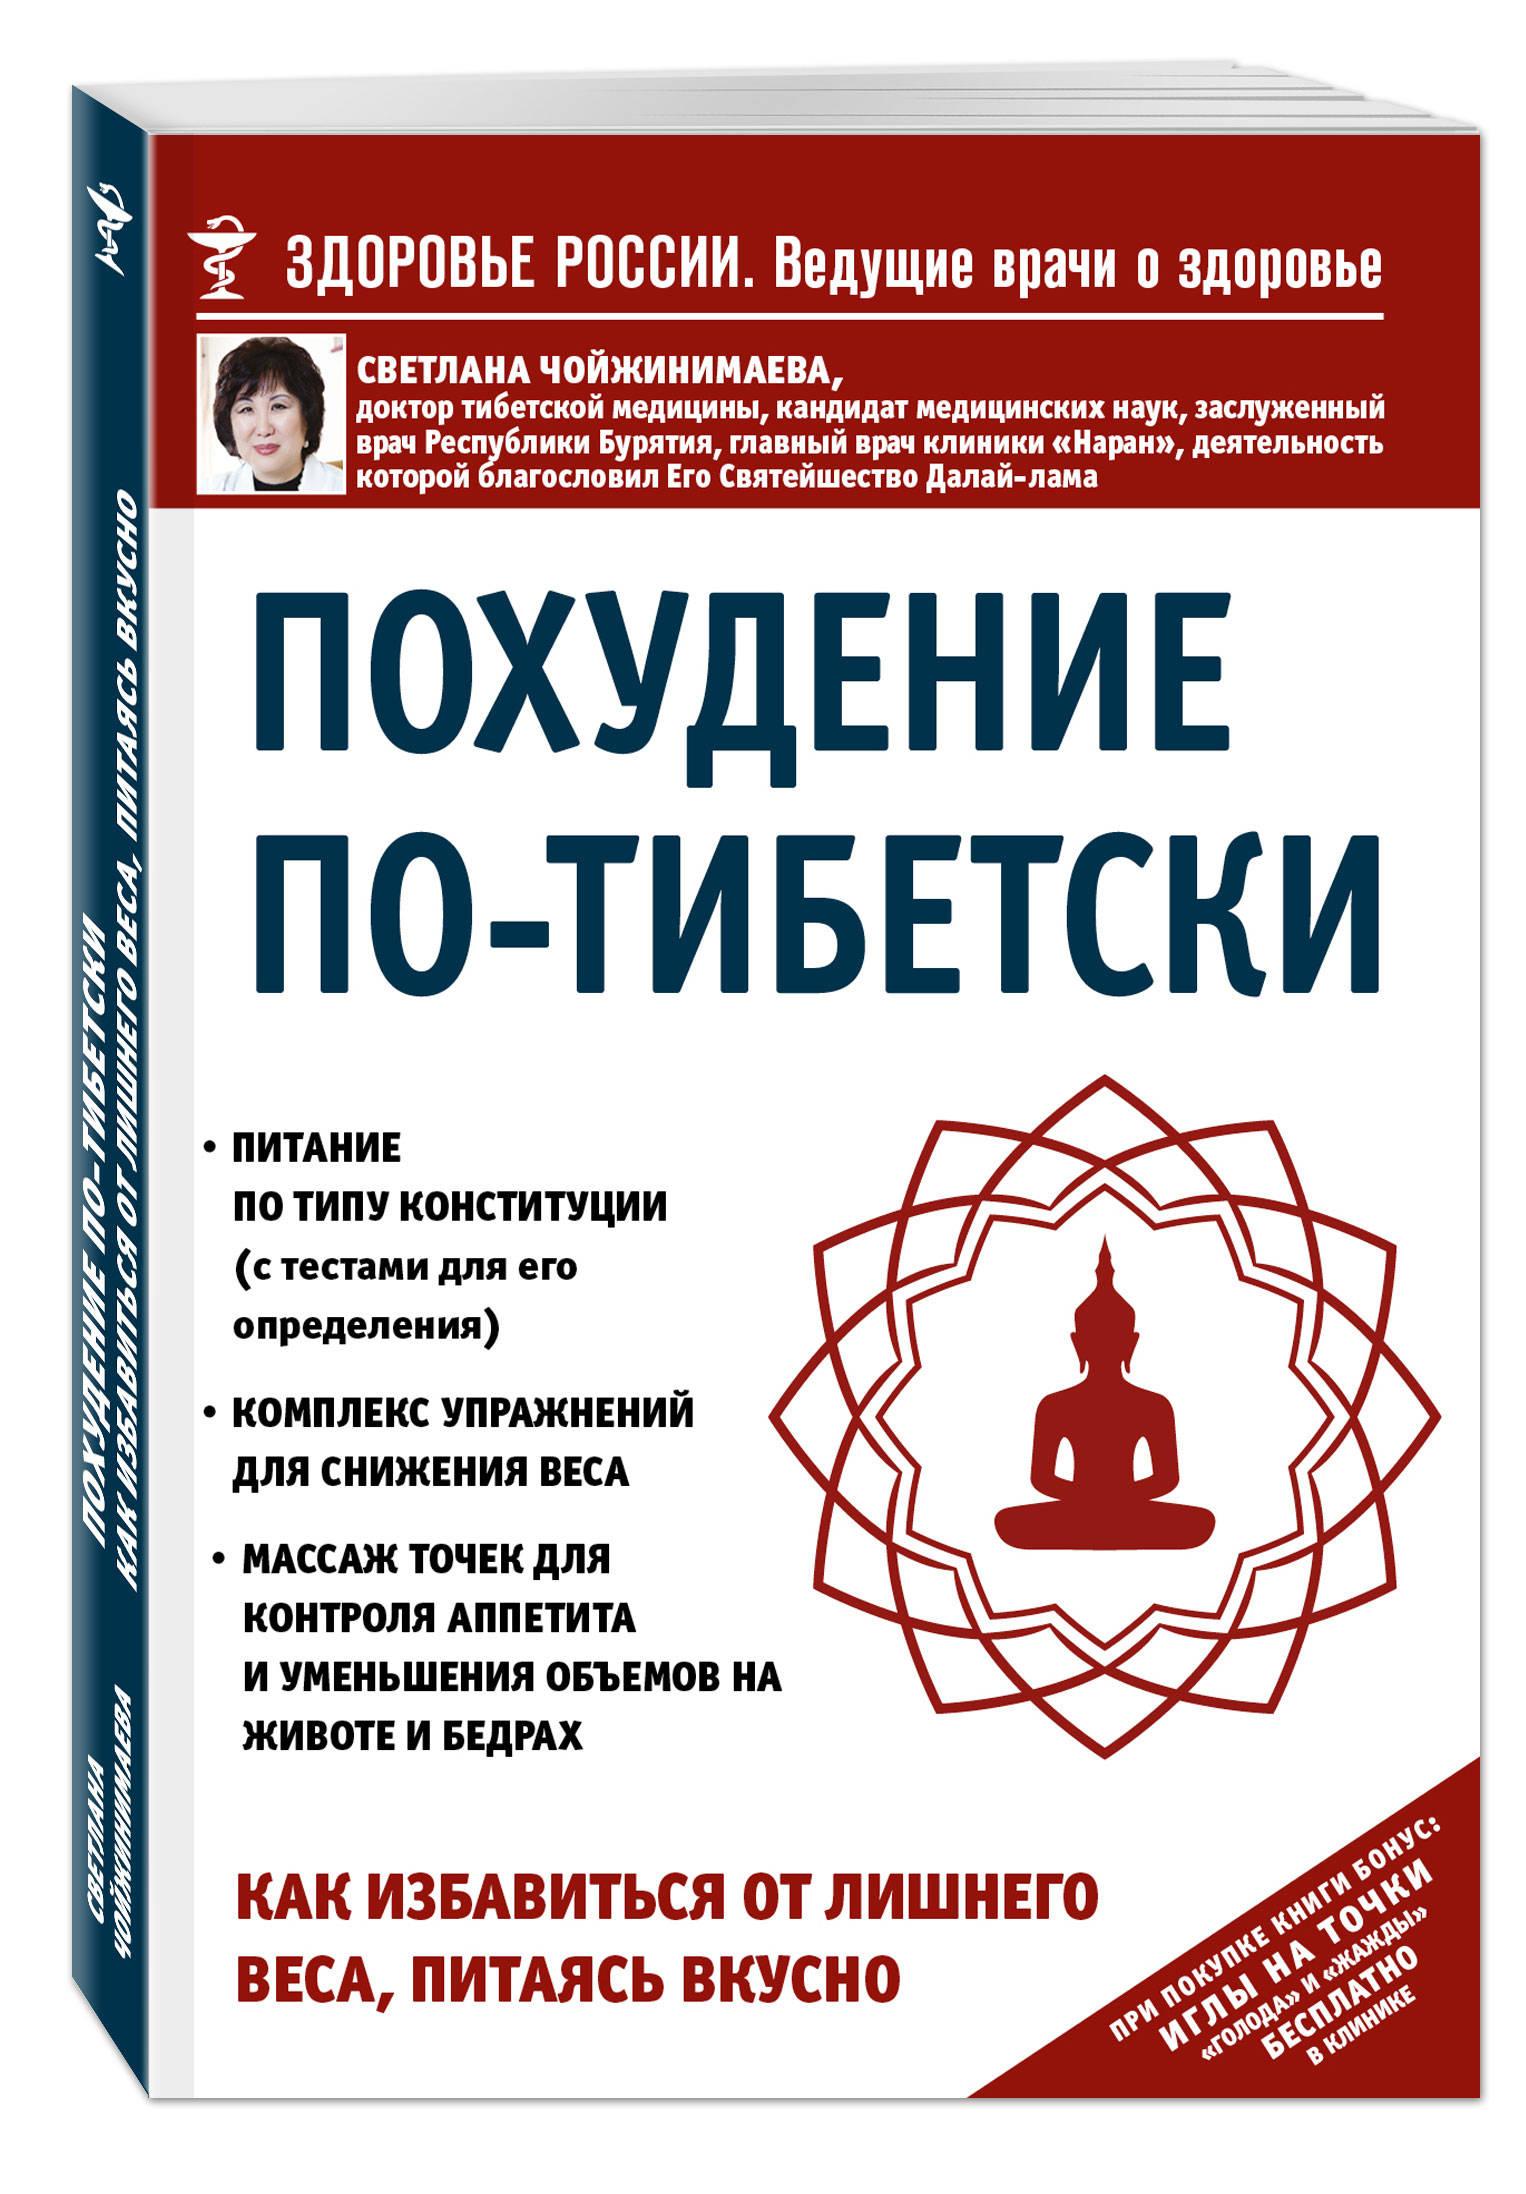 Похудение по-тибетски. Как избавиться от лишнего веса, питаясь вкусно от book24.ru